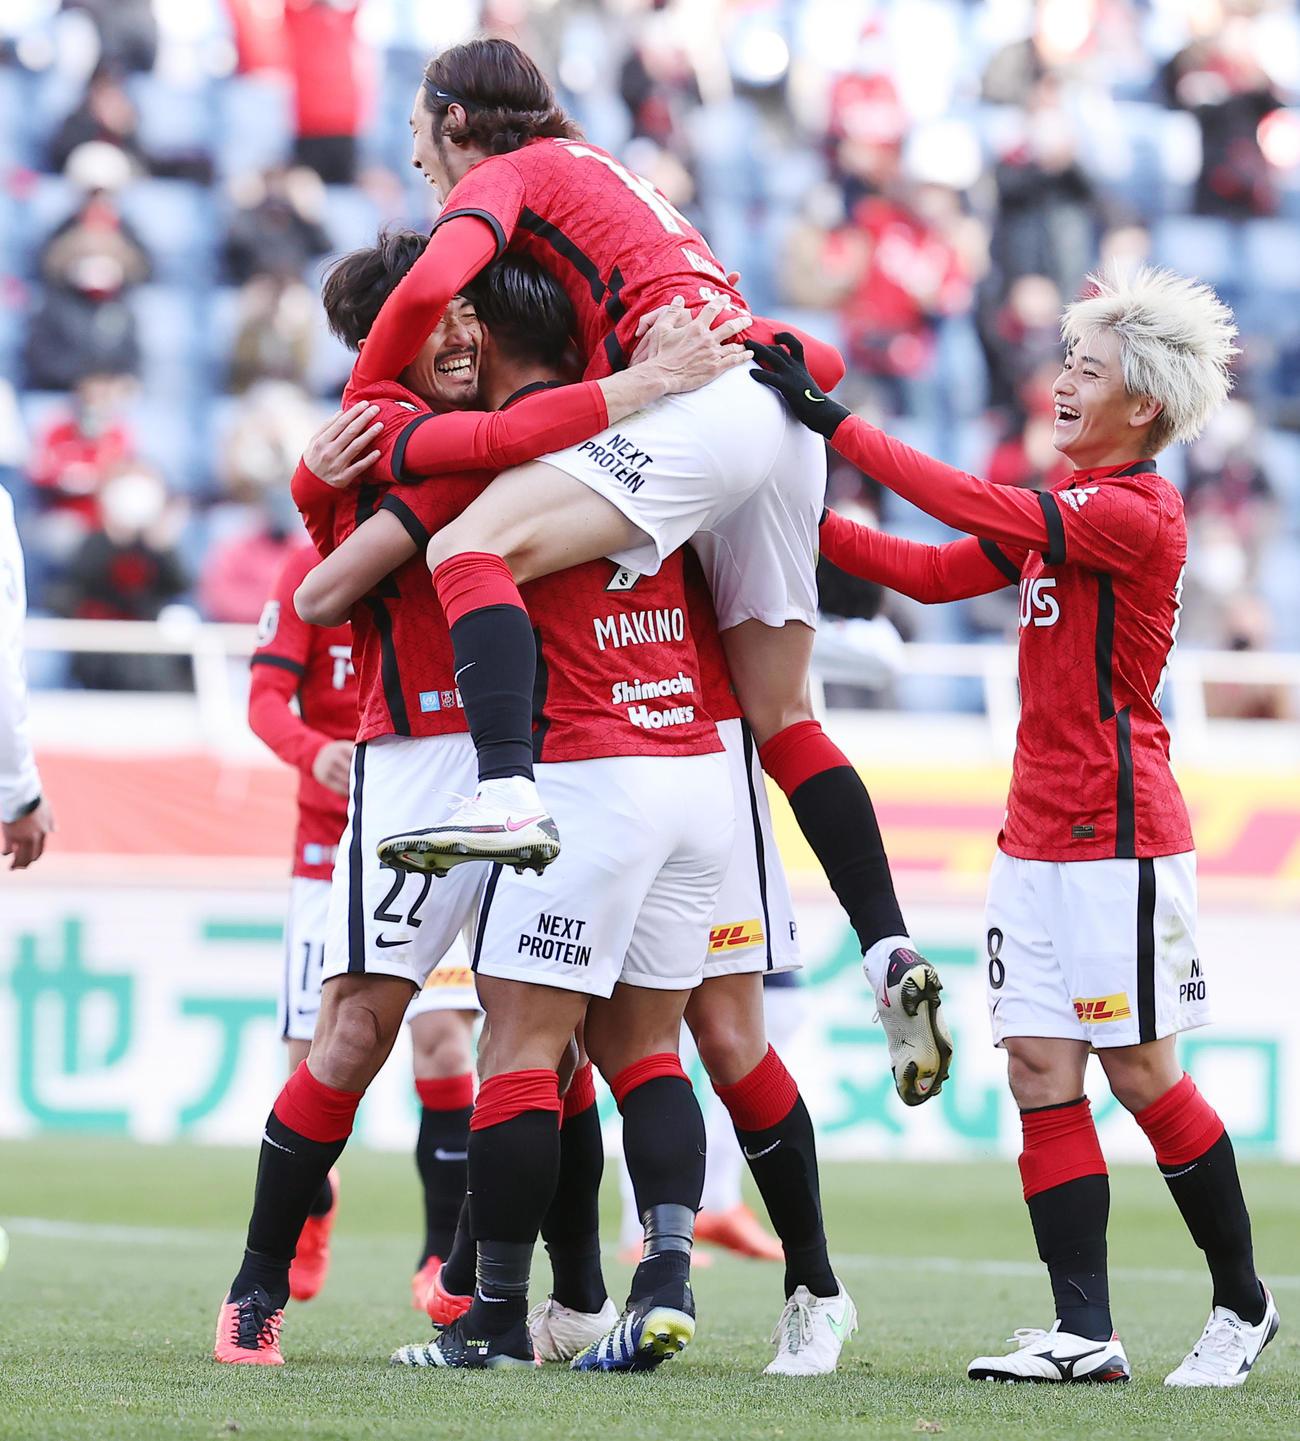 浦和対東京 後半、先制ゴールを決めた浦和MF阿部(左下)は祝福するイレブンと抱擁する(撮影・浅見桂子)